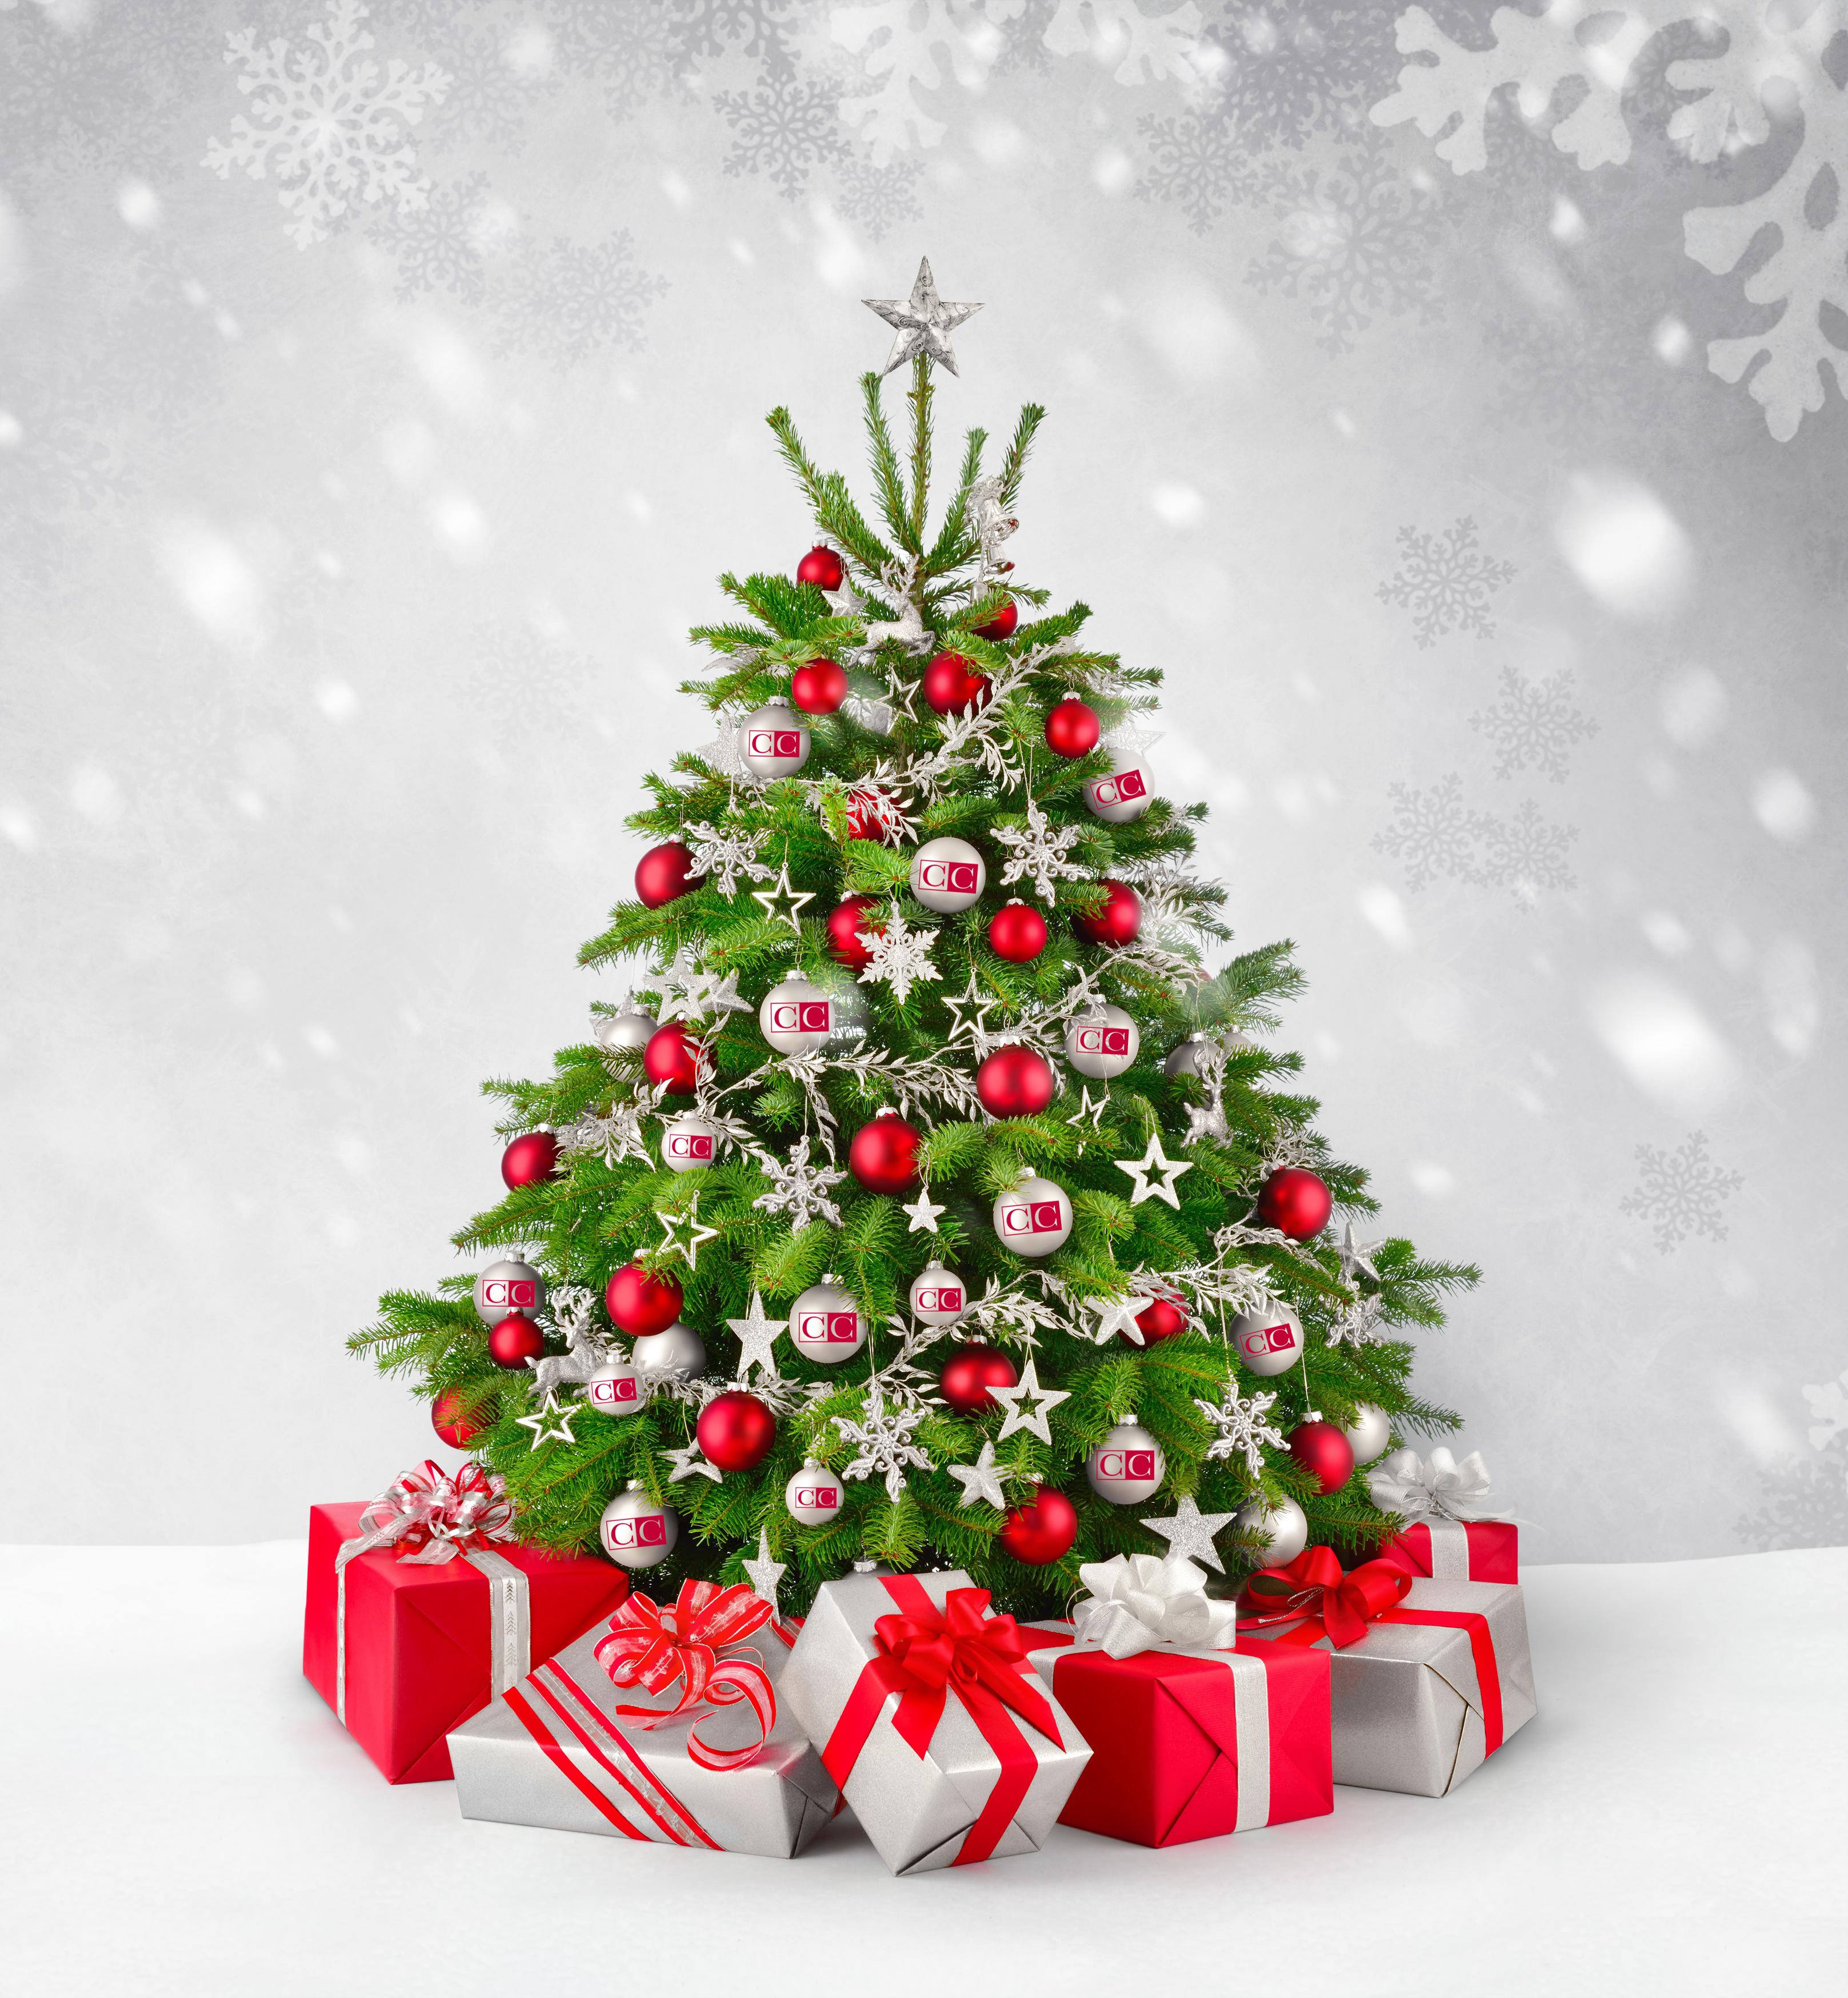 db00d1acbd157321c56b_CC_Christmas_Tree.jpg